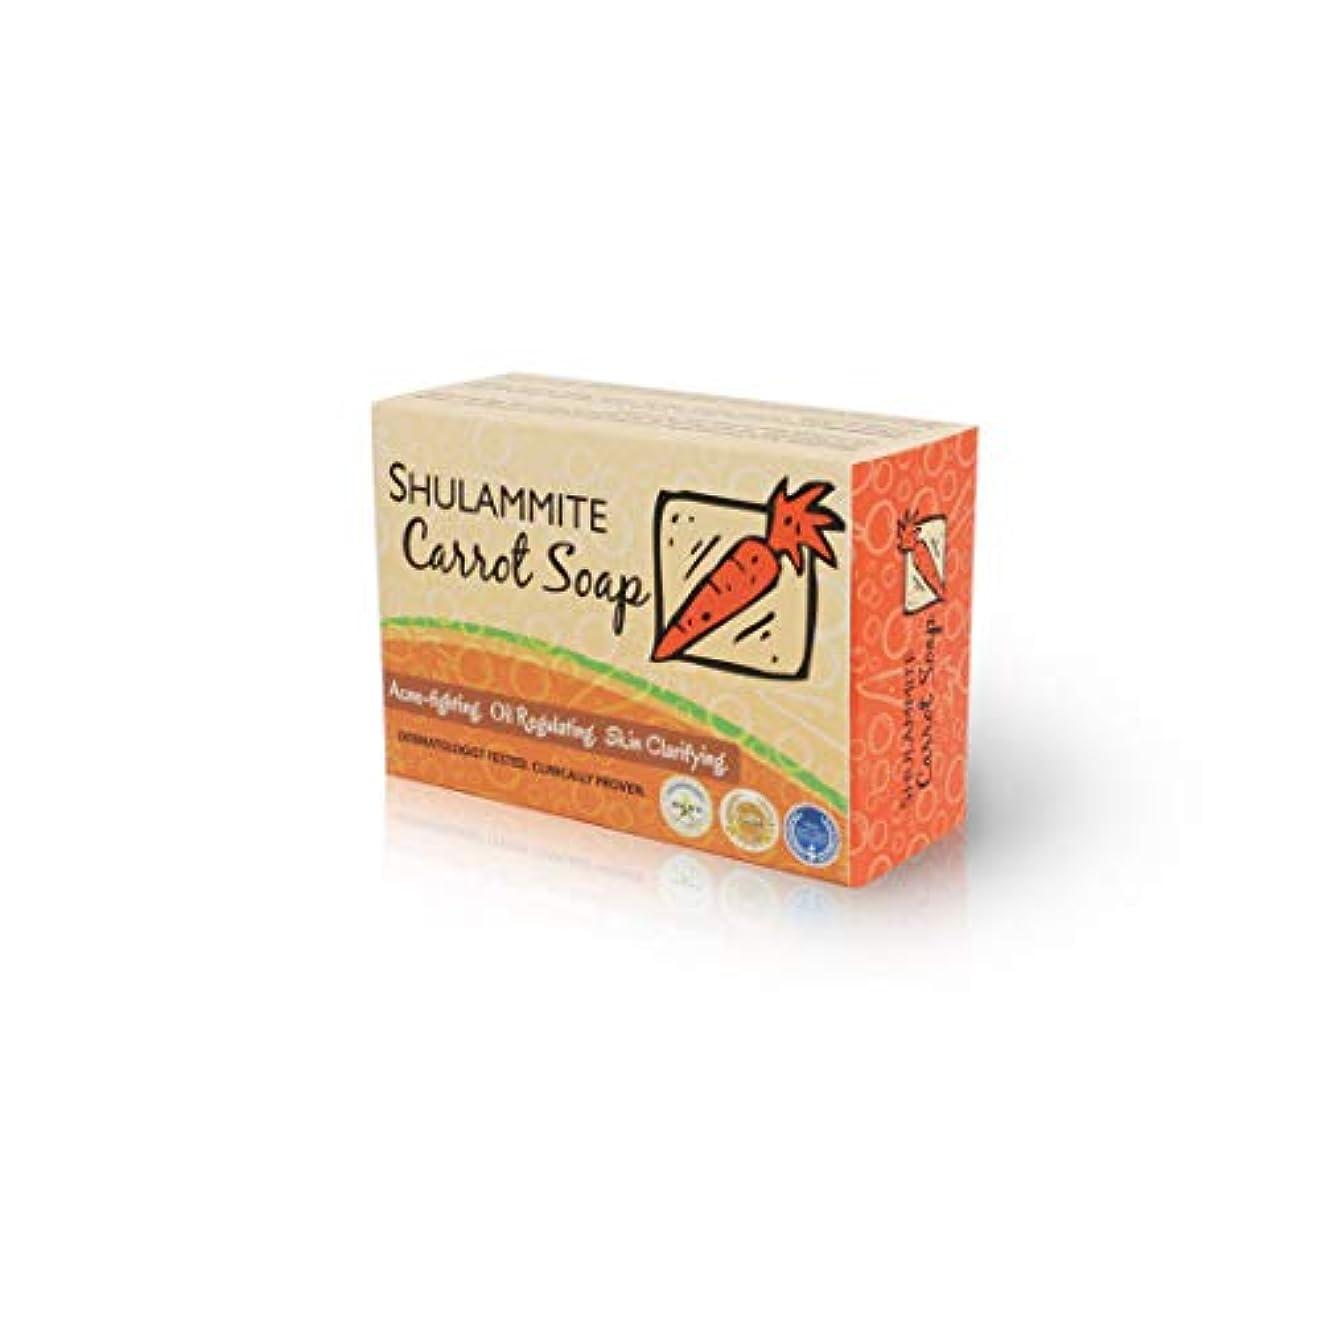 珍しい上下する突き出すSHULAMMITE Carrot Soap キャロットソープ150g 正規輸入代理店 Harmony & Wellness Japan distributor! Exclusive contract with manufacturer